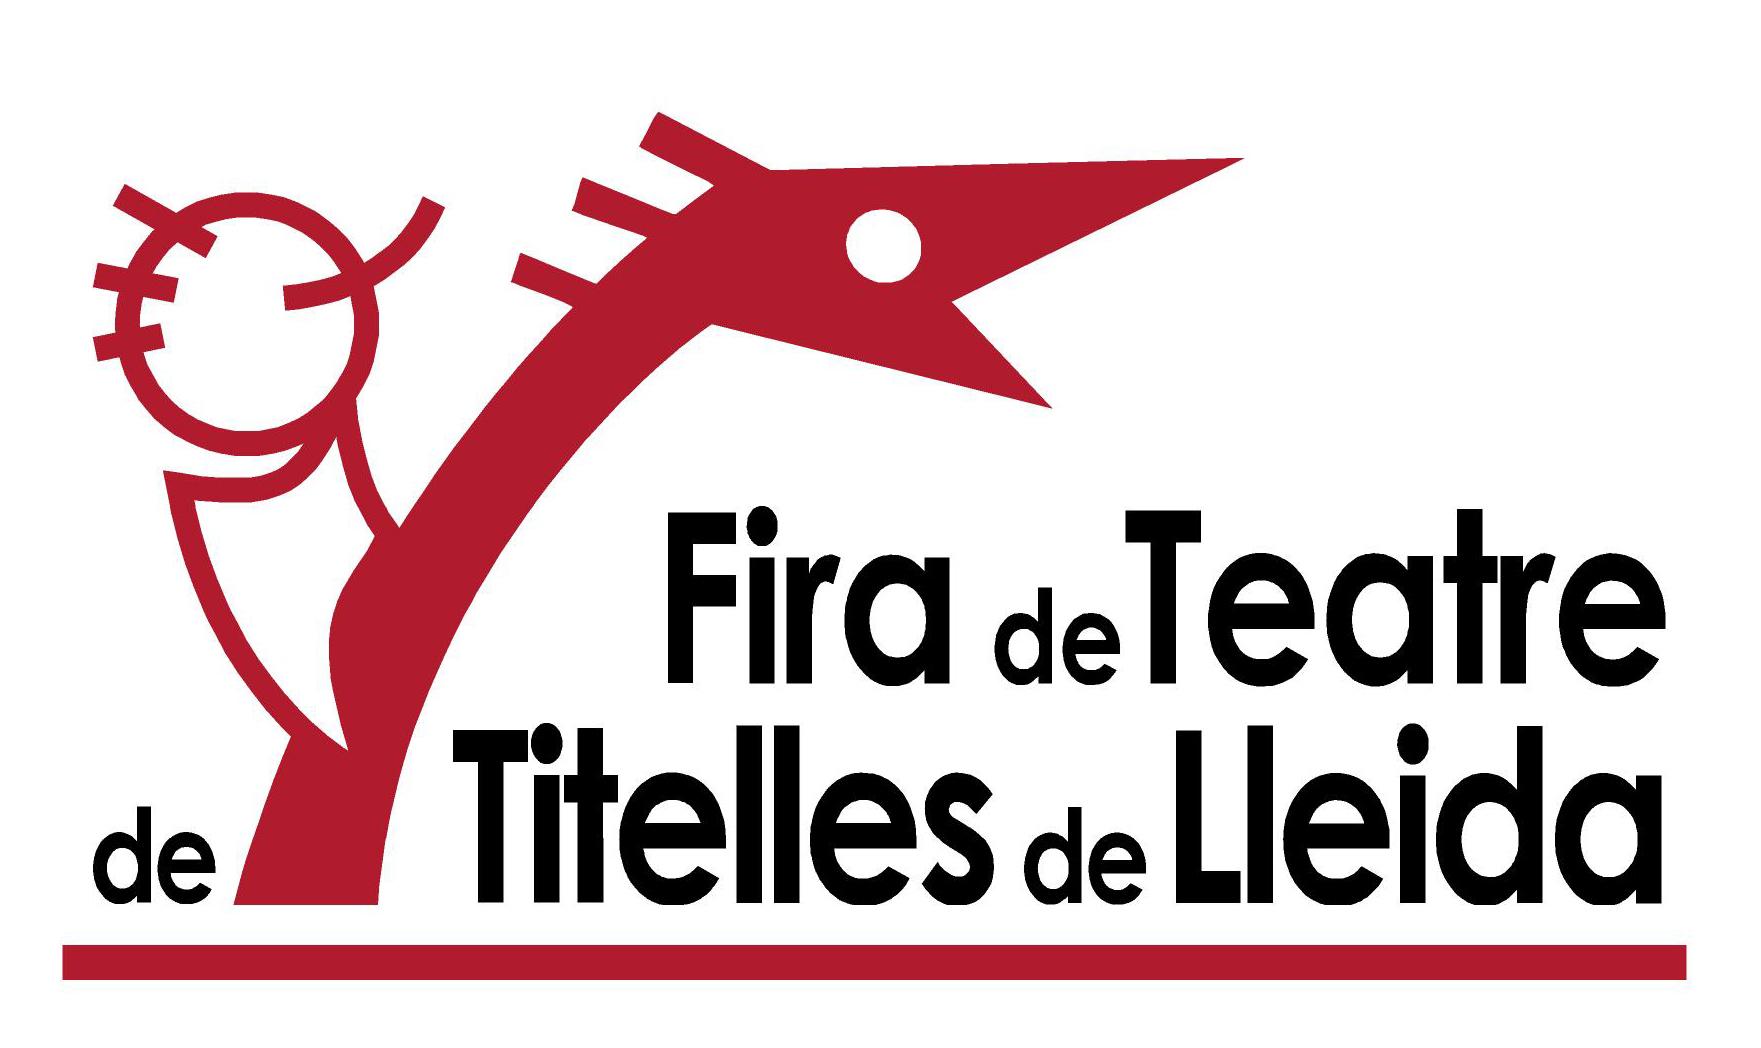 Obert el termini per a presentar propostes a la Fira de Titelles de Lleida 2017